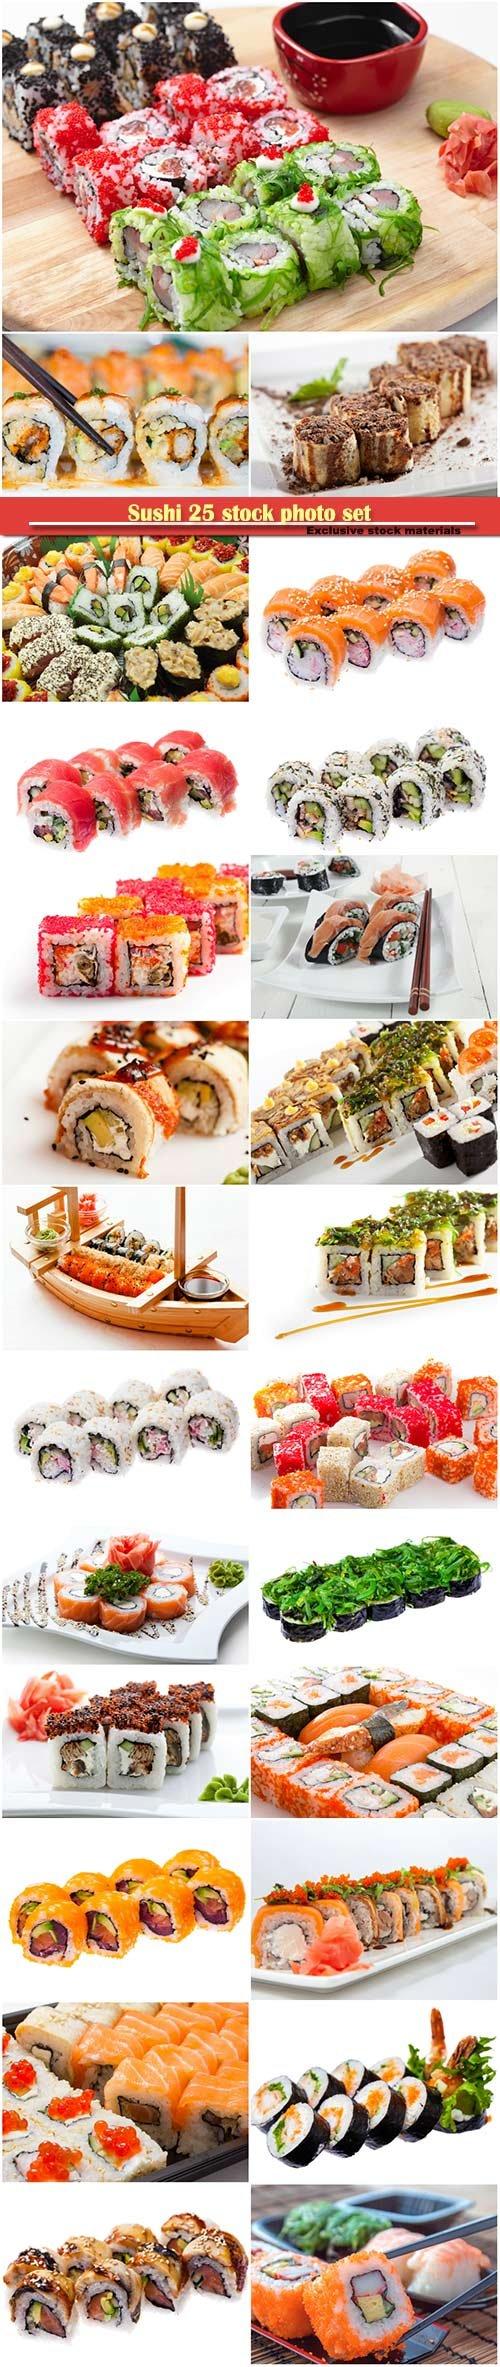 Sushi 25 stock photo set